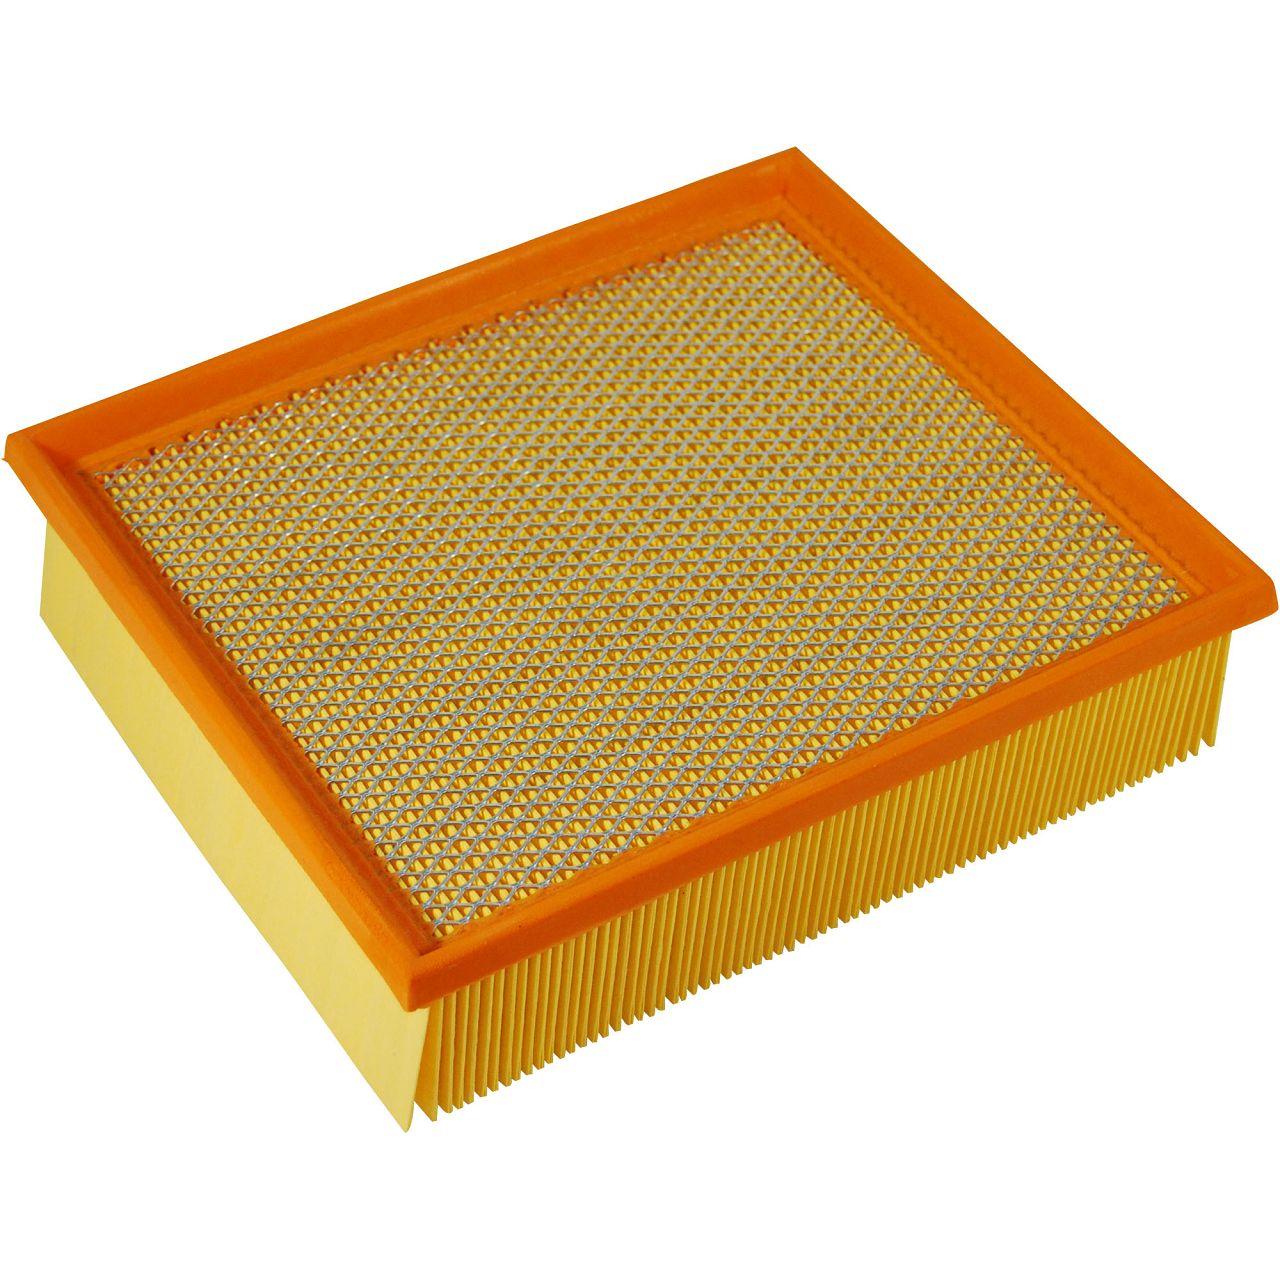 Inspektionskit Filterpaket Filterset für Volvo S80 II V70 III 2.5T 200/231 PS